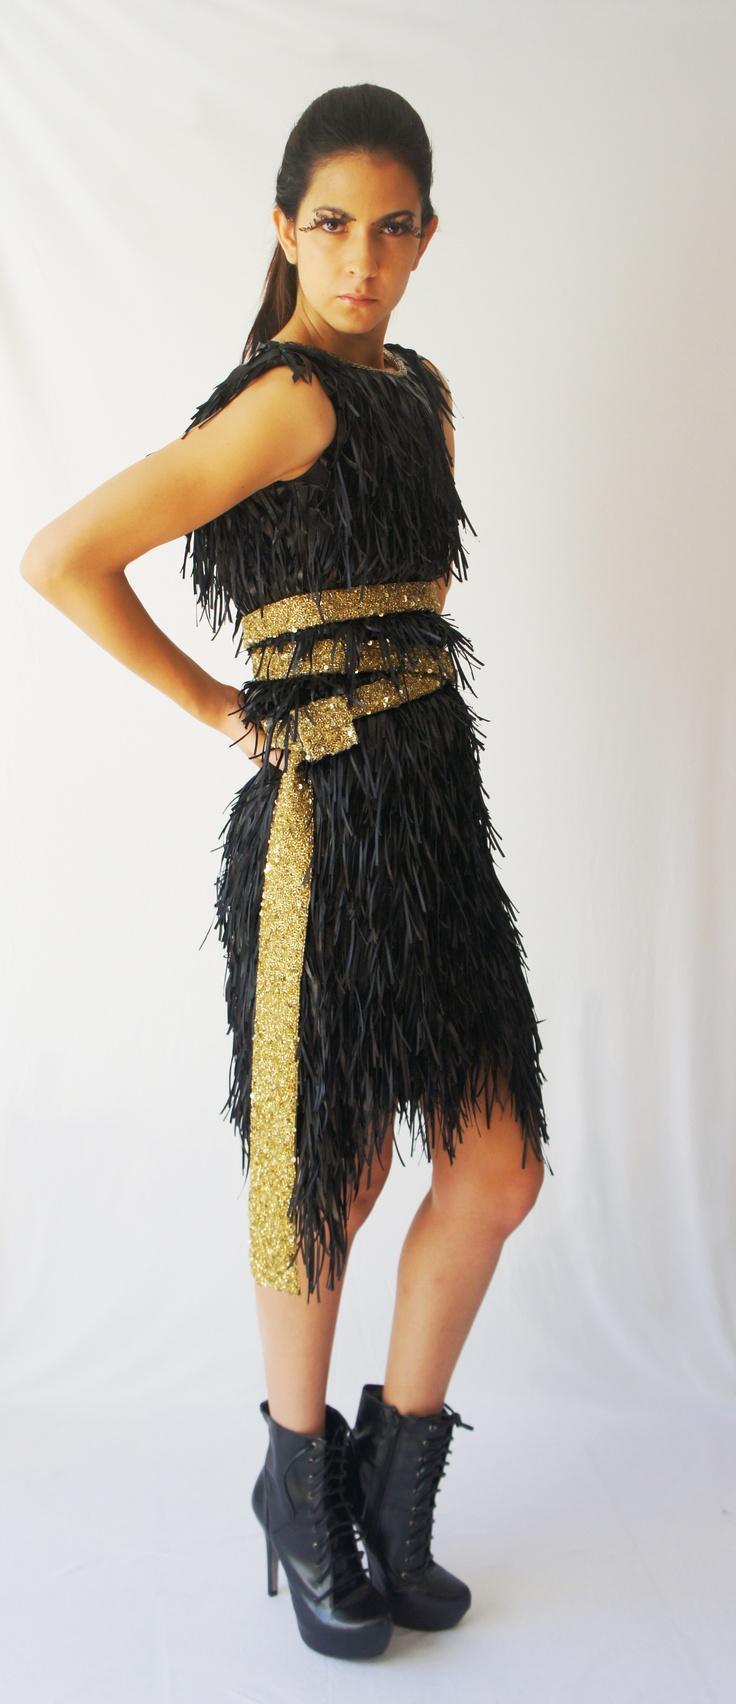 Vestido de bardas con triángulos de simio piel cortados en laser y liston negro cosido simultáneamente, lleva un cinturón de canutillo dorado.